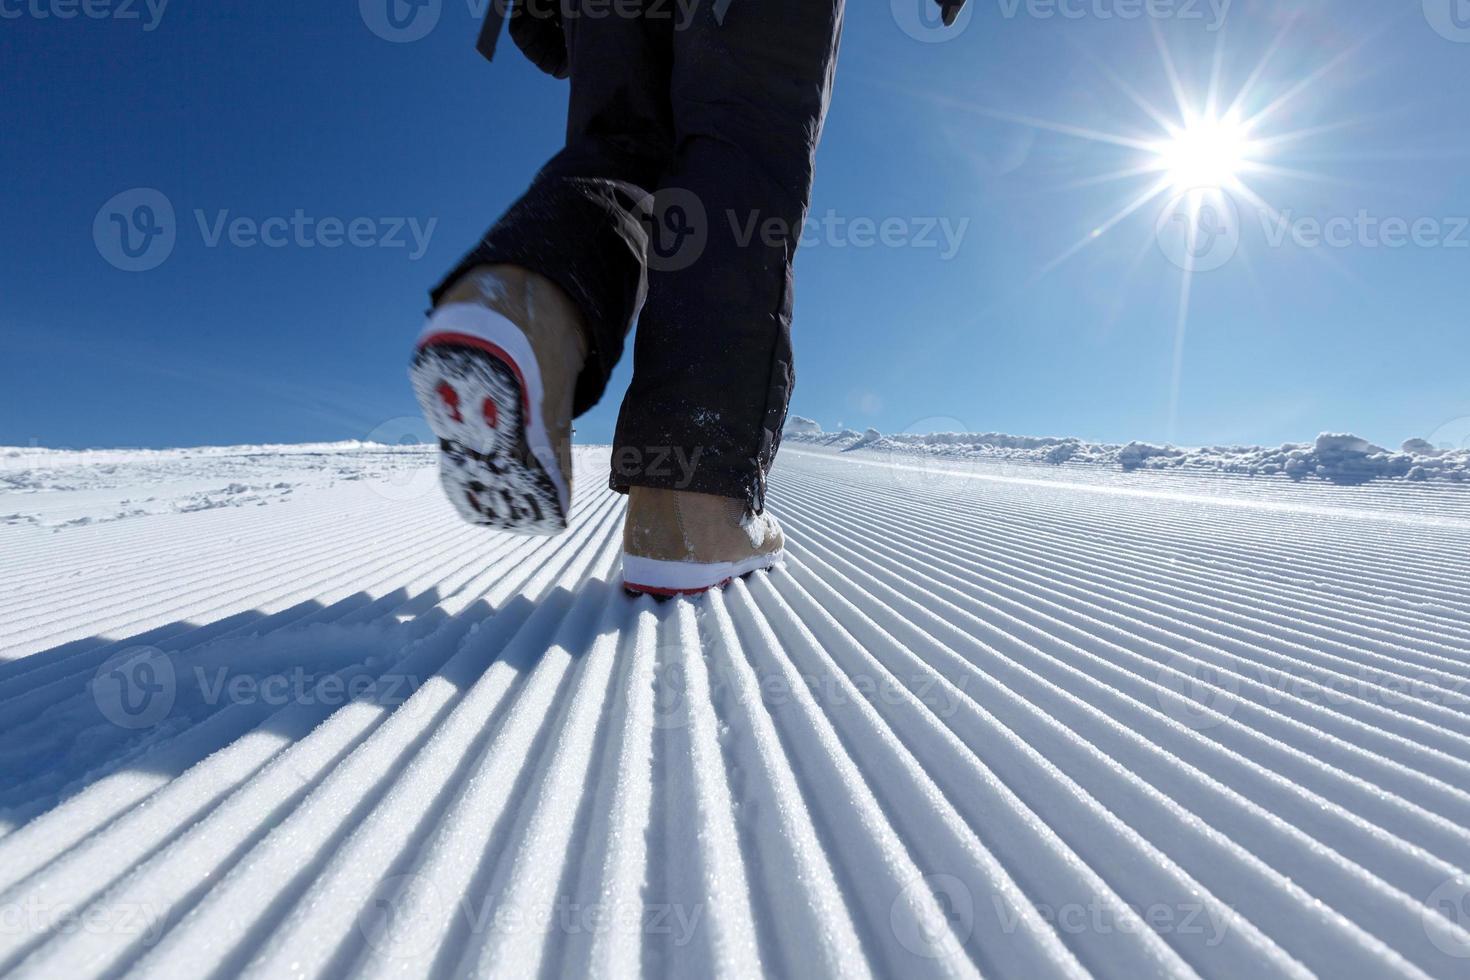 snowboarder wandelingen langs geprepareerd sneeuwspoor in de bergen foto